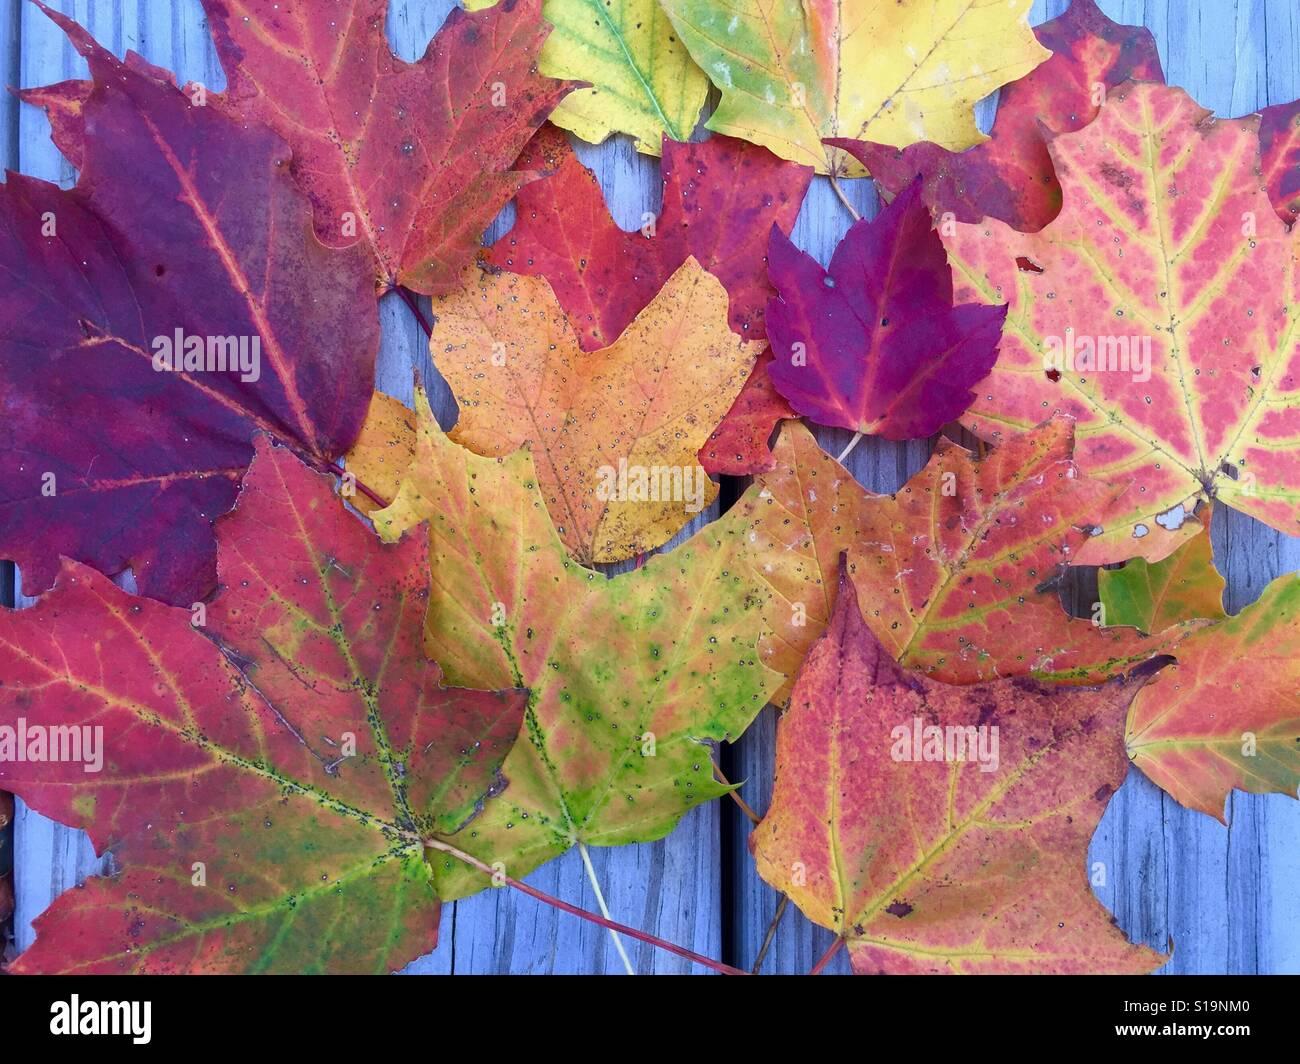 Motif de feuilles d'automne Banque D'Images